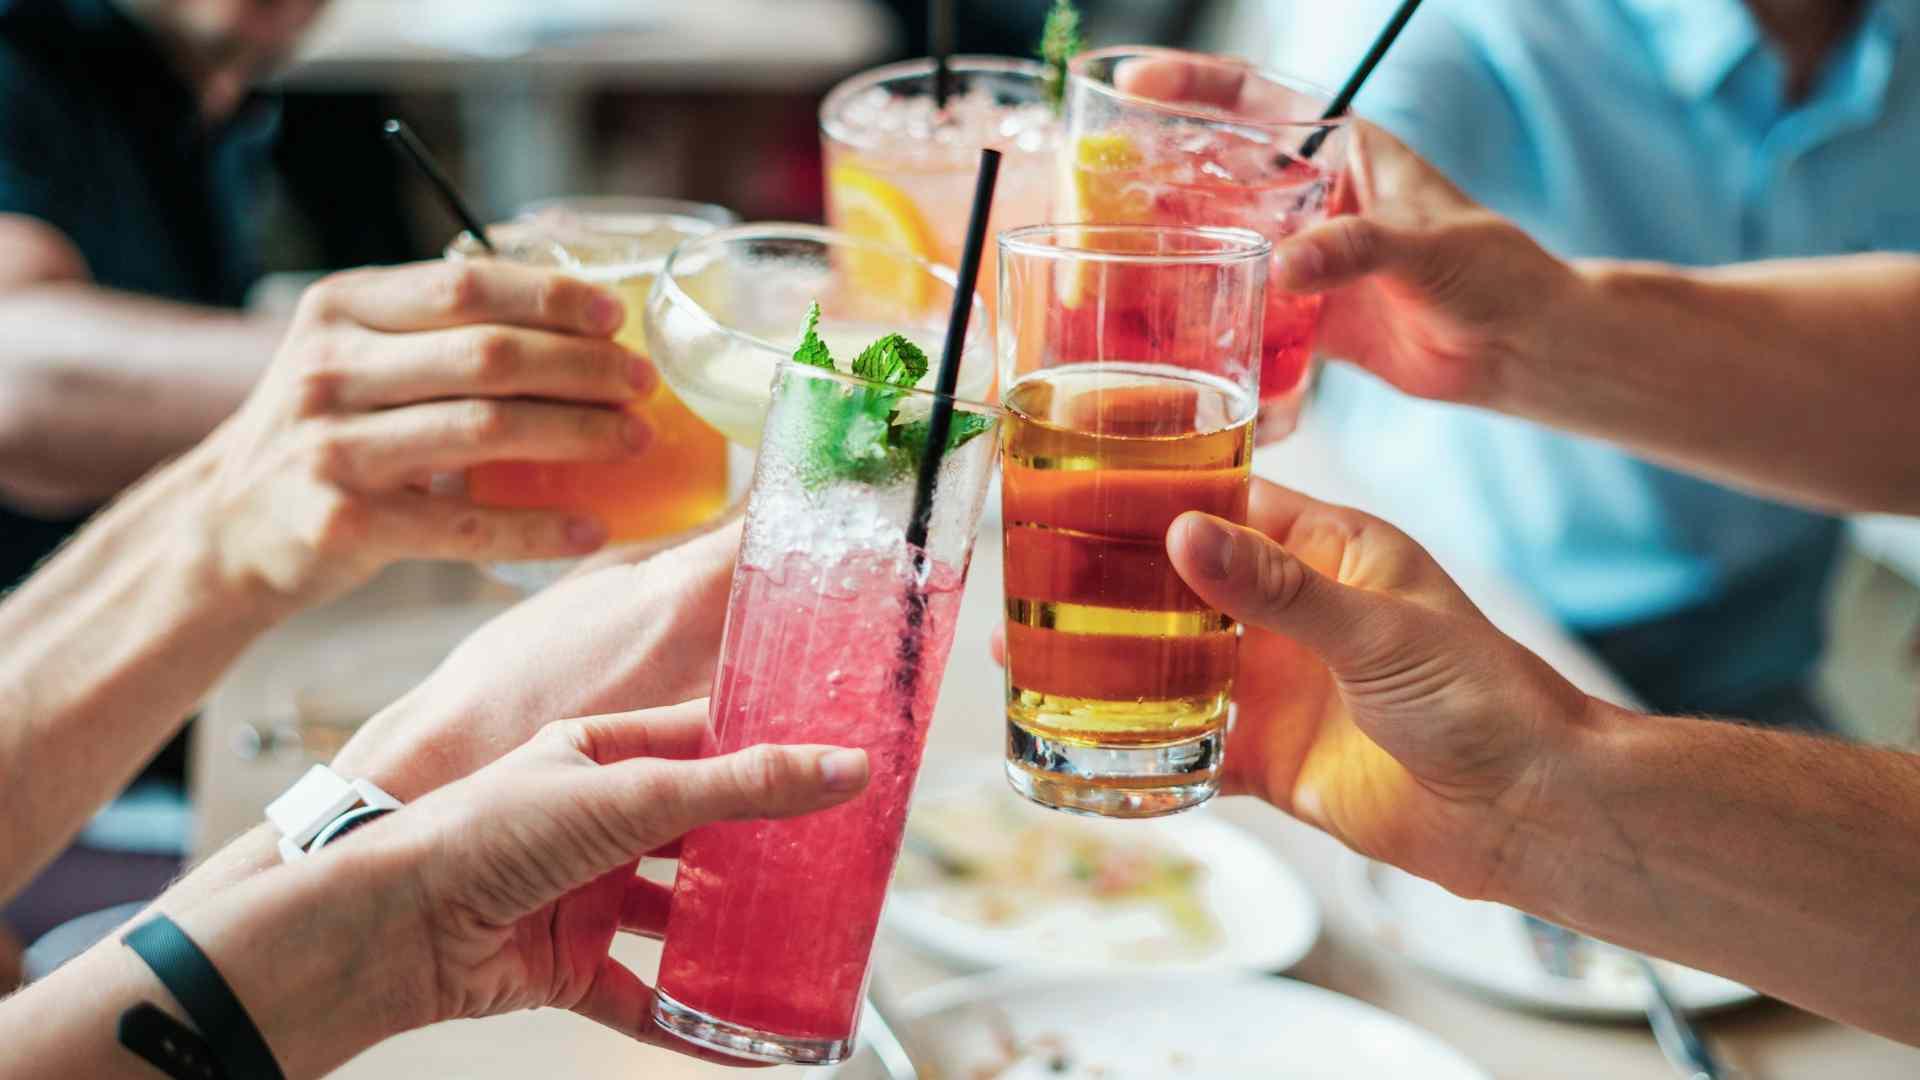 Food service para bebidas y combinados